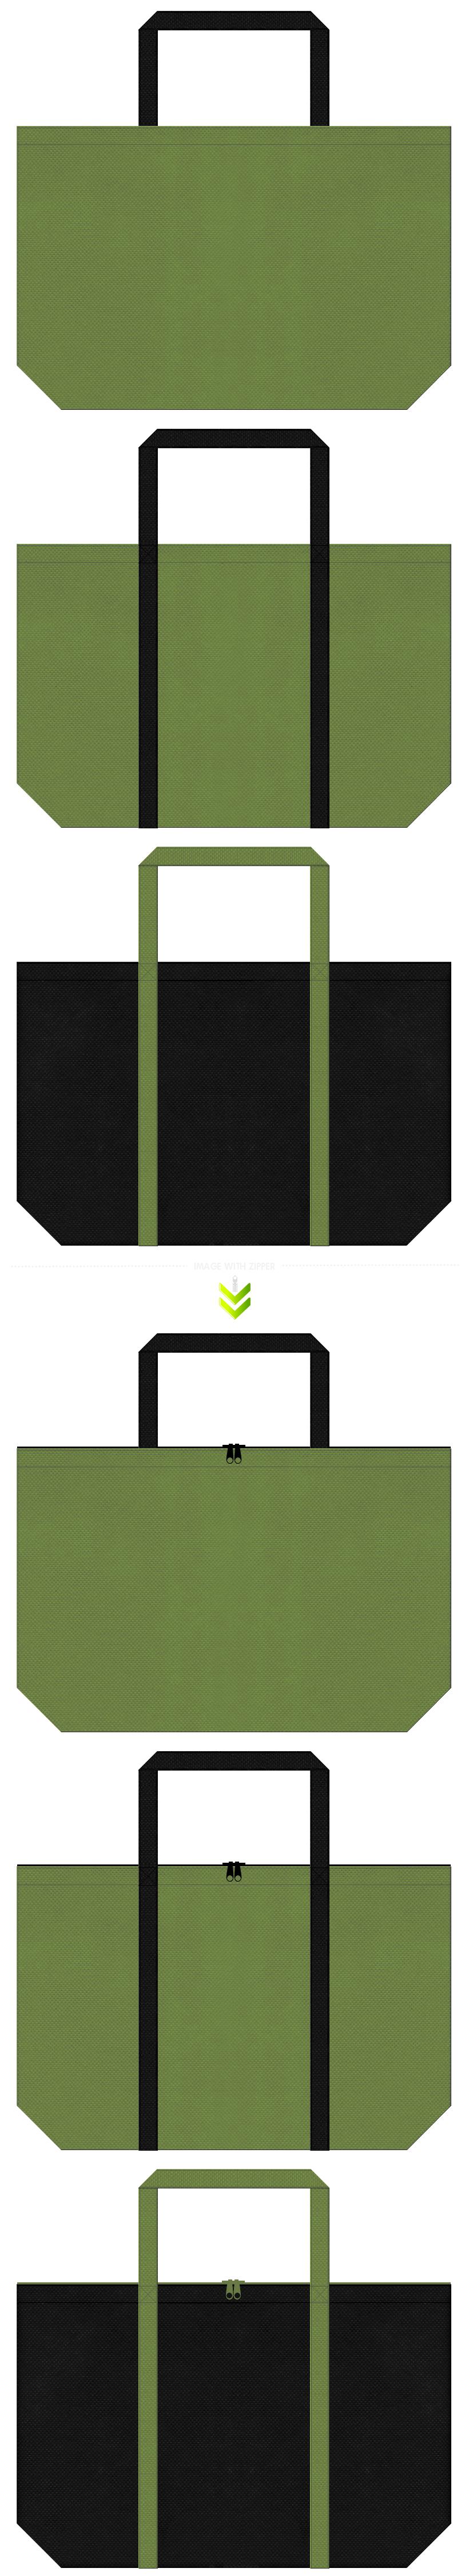 草色と黒色の不織布エコバッグのデザイン。代官、武家、忍者イメージでお城イベントのノベルティにお奨めです。